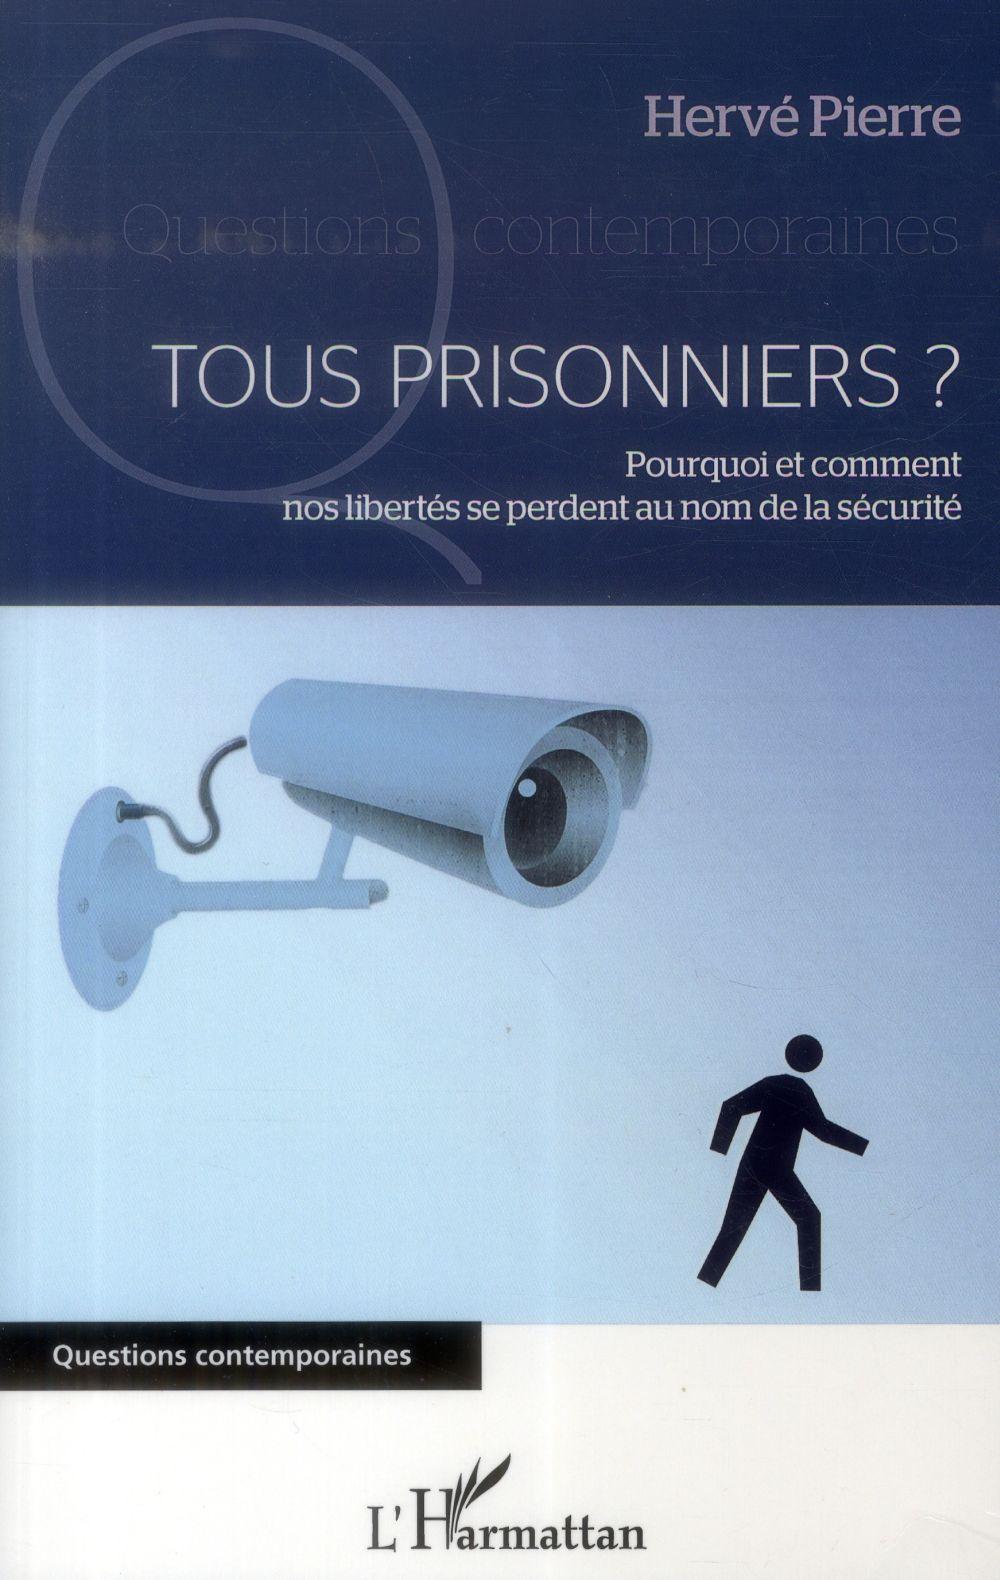 Tous prisonniers ? pourquoi et comment nos libertés se perdent au nom de la sécurité